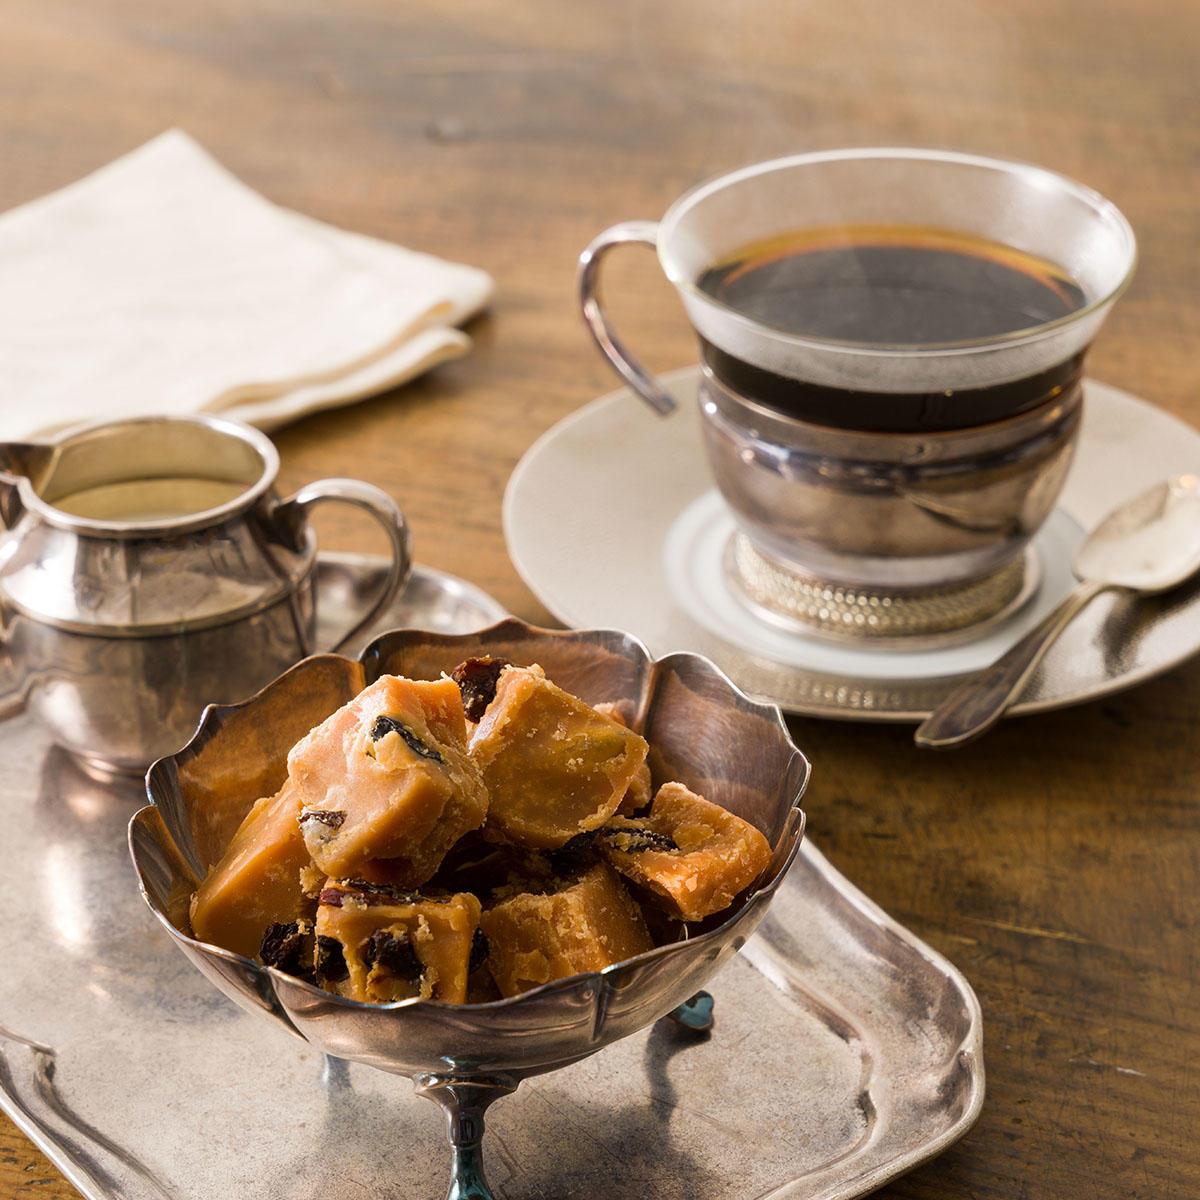 coffee_pairing_1.JPG